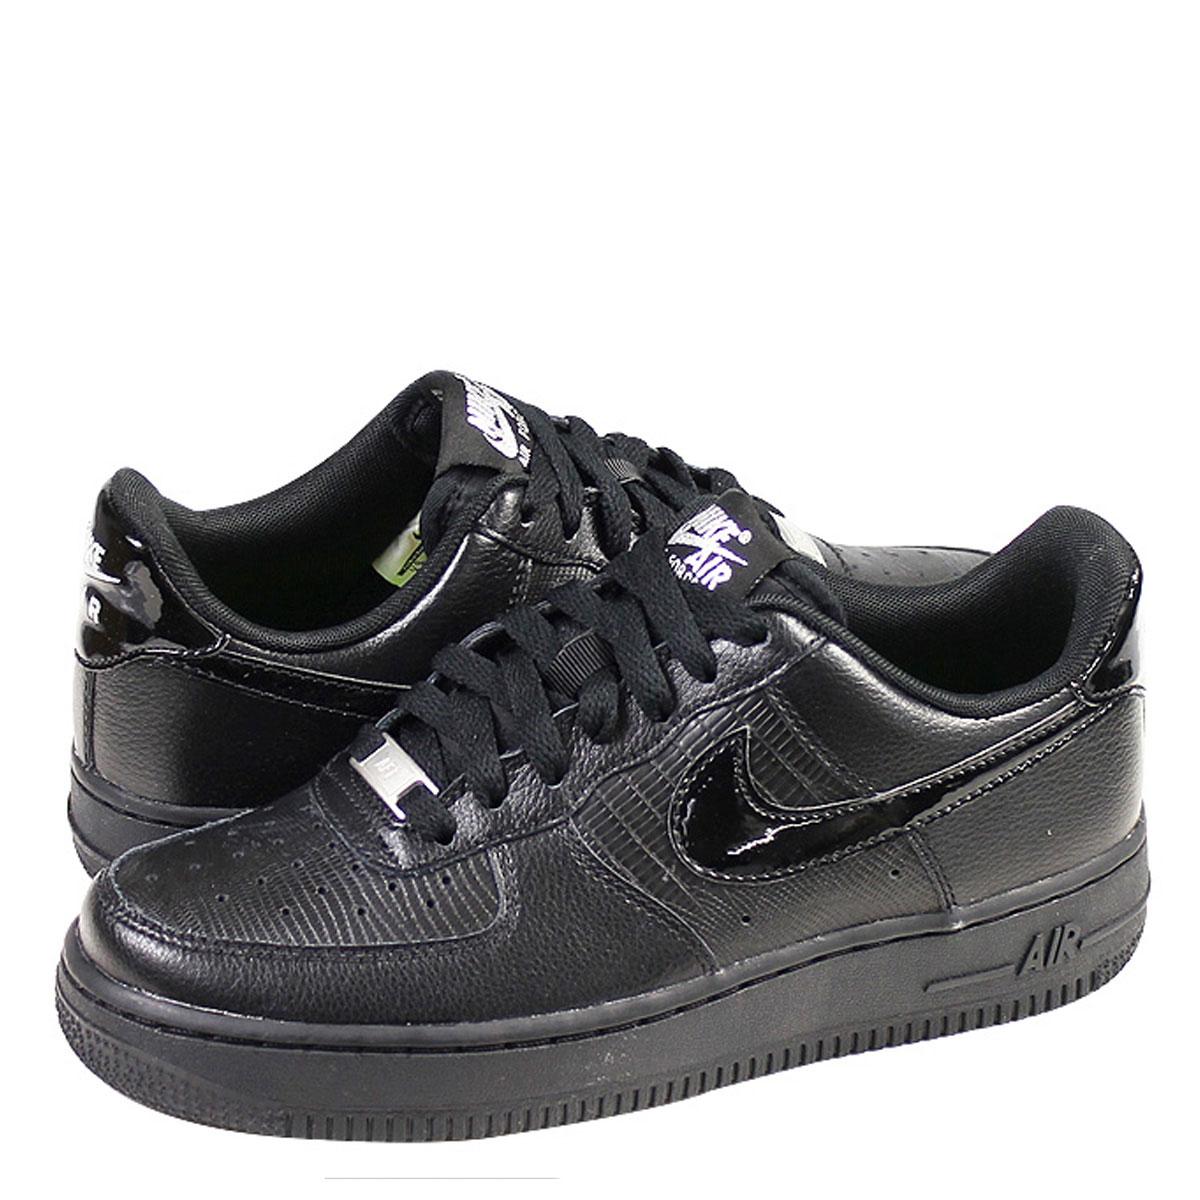 115 Sneakers Lady's Wmns 037 Black Force 1 Nike Air Men's Shoes 07 315 45ALq3Rj